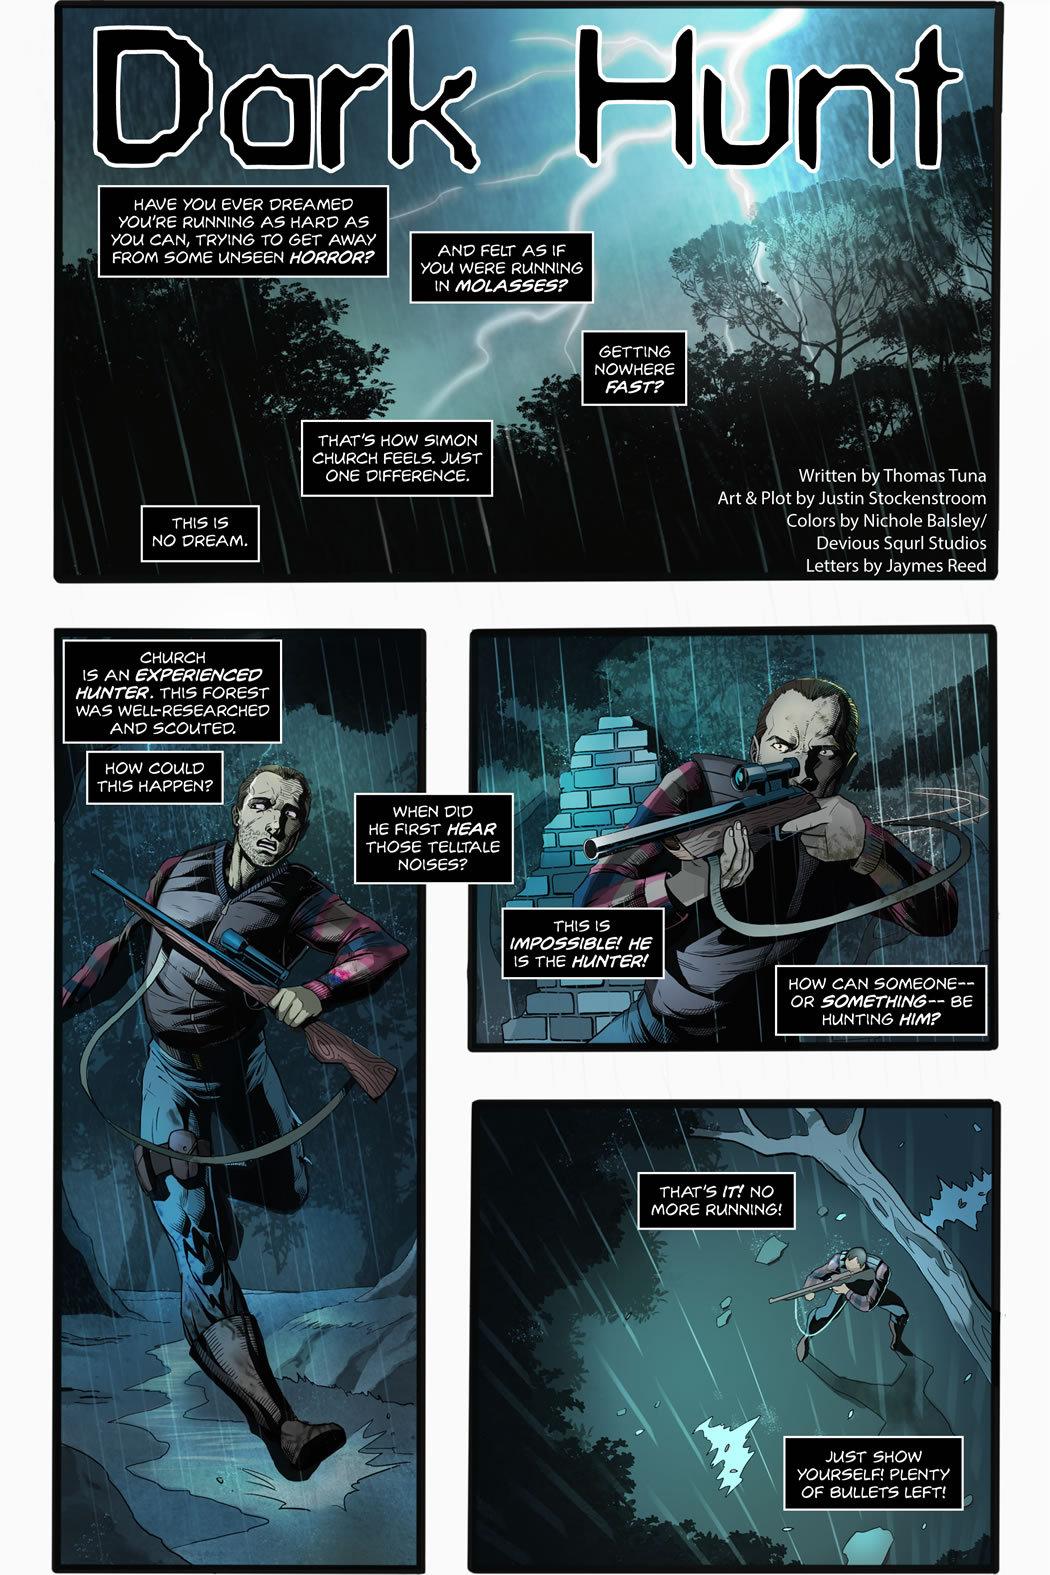 DarkHunt_Page01.jpg